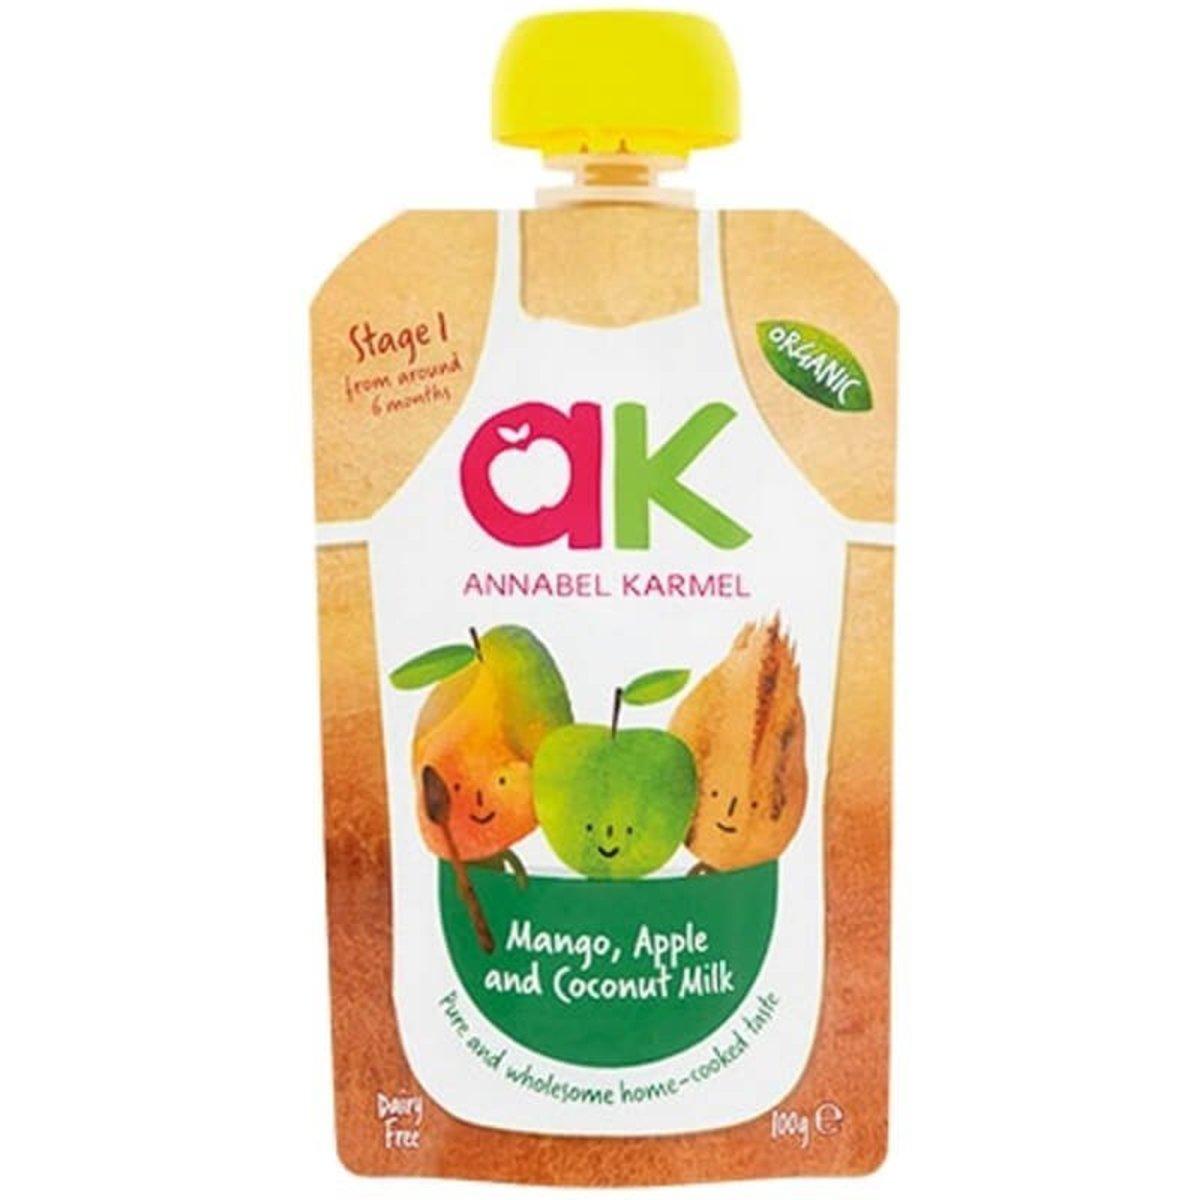 有機糊仔  (芒果,蘋果和椰奶) 100g 適合6個月以上嬰兒食用 嬰兒食品